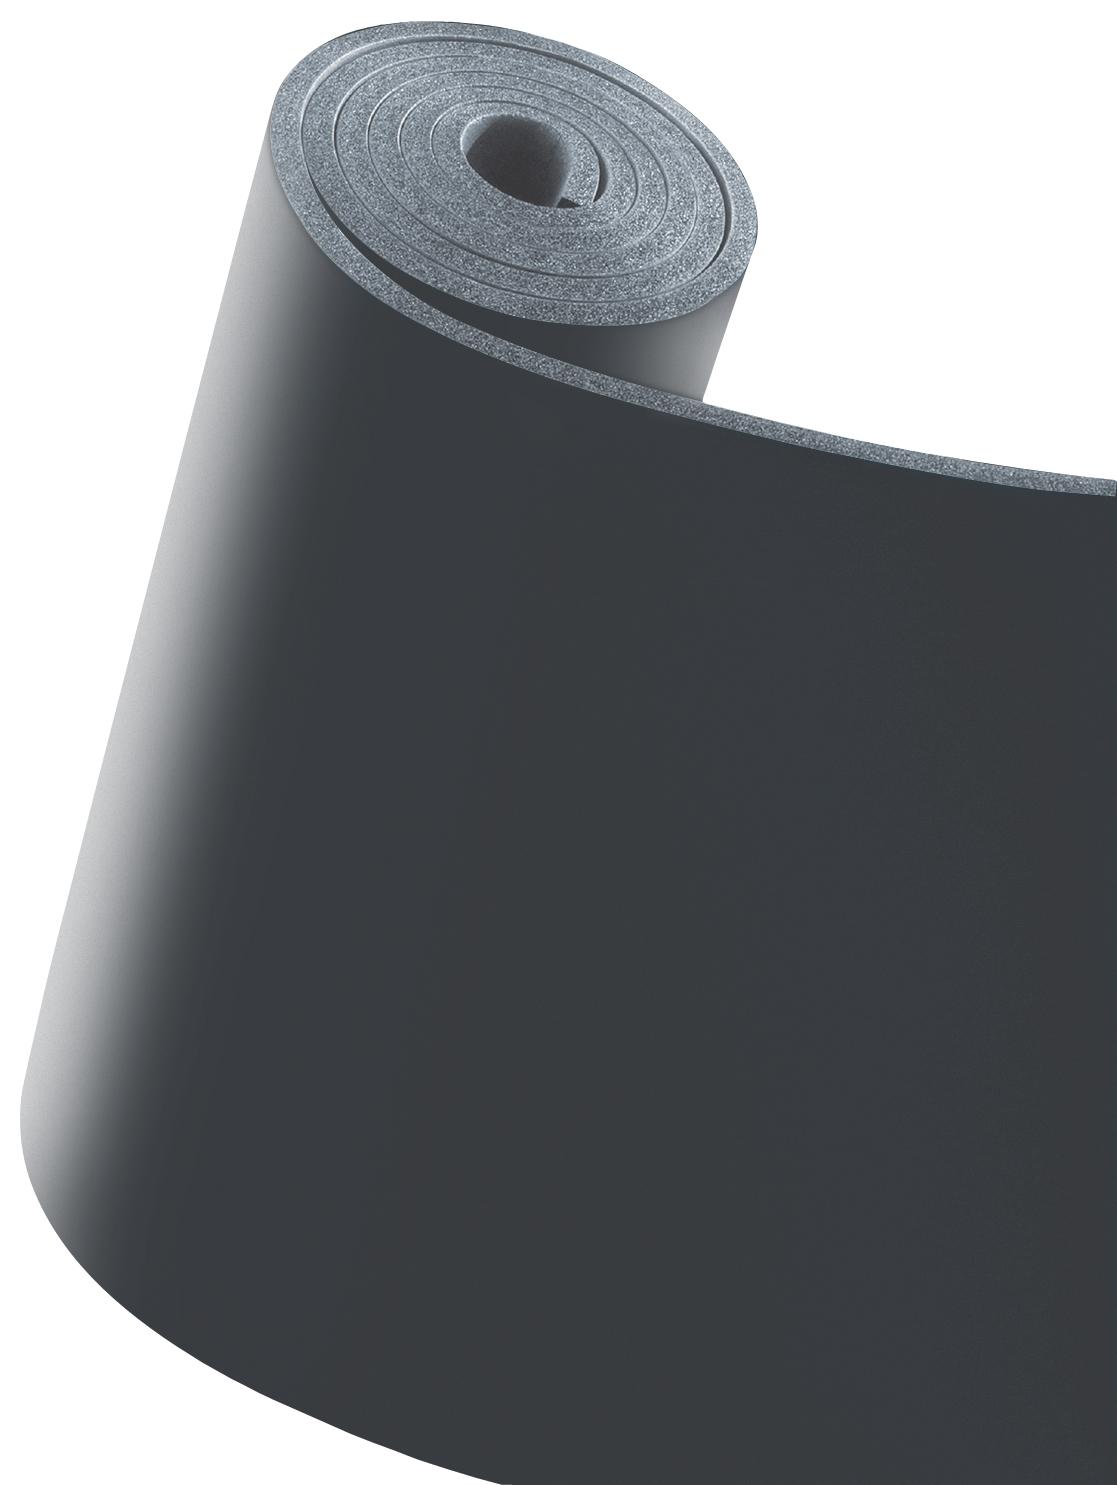 Рулон K-Flex ST толщина 6мм